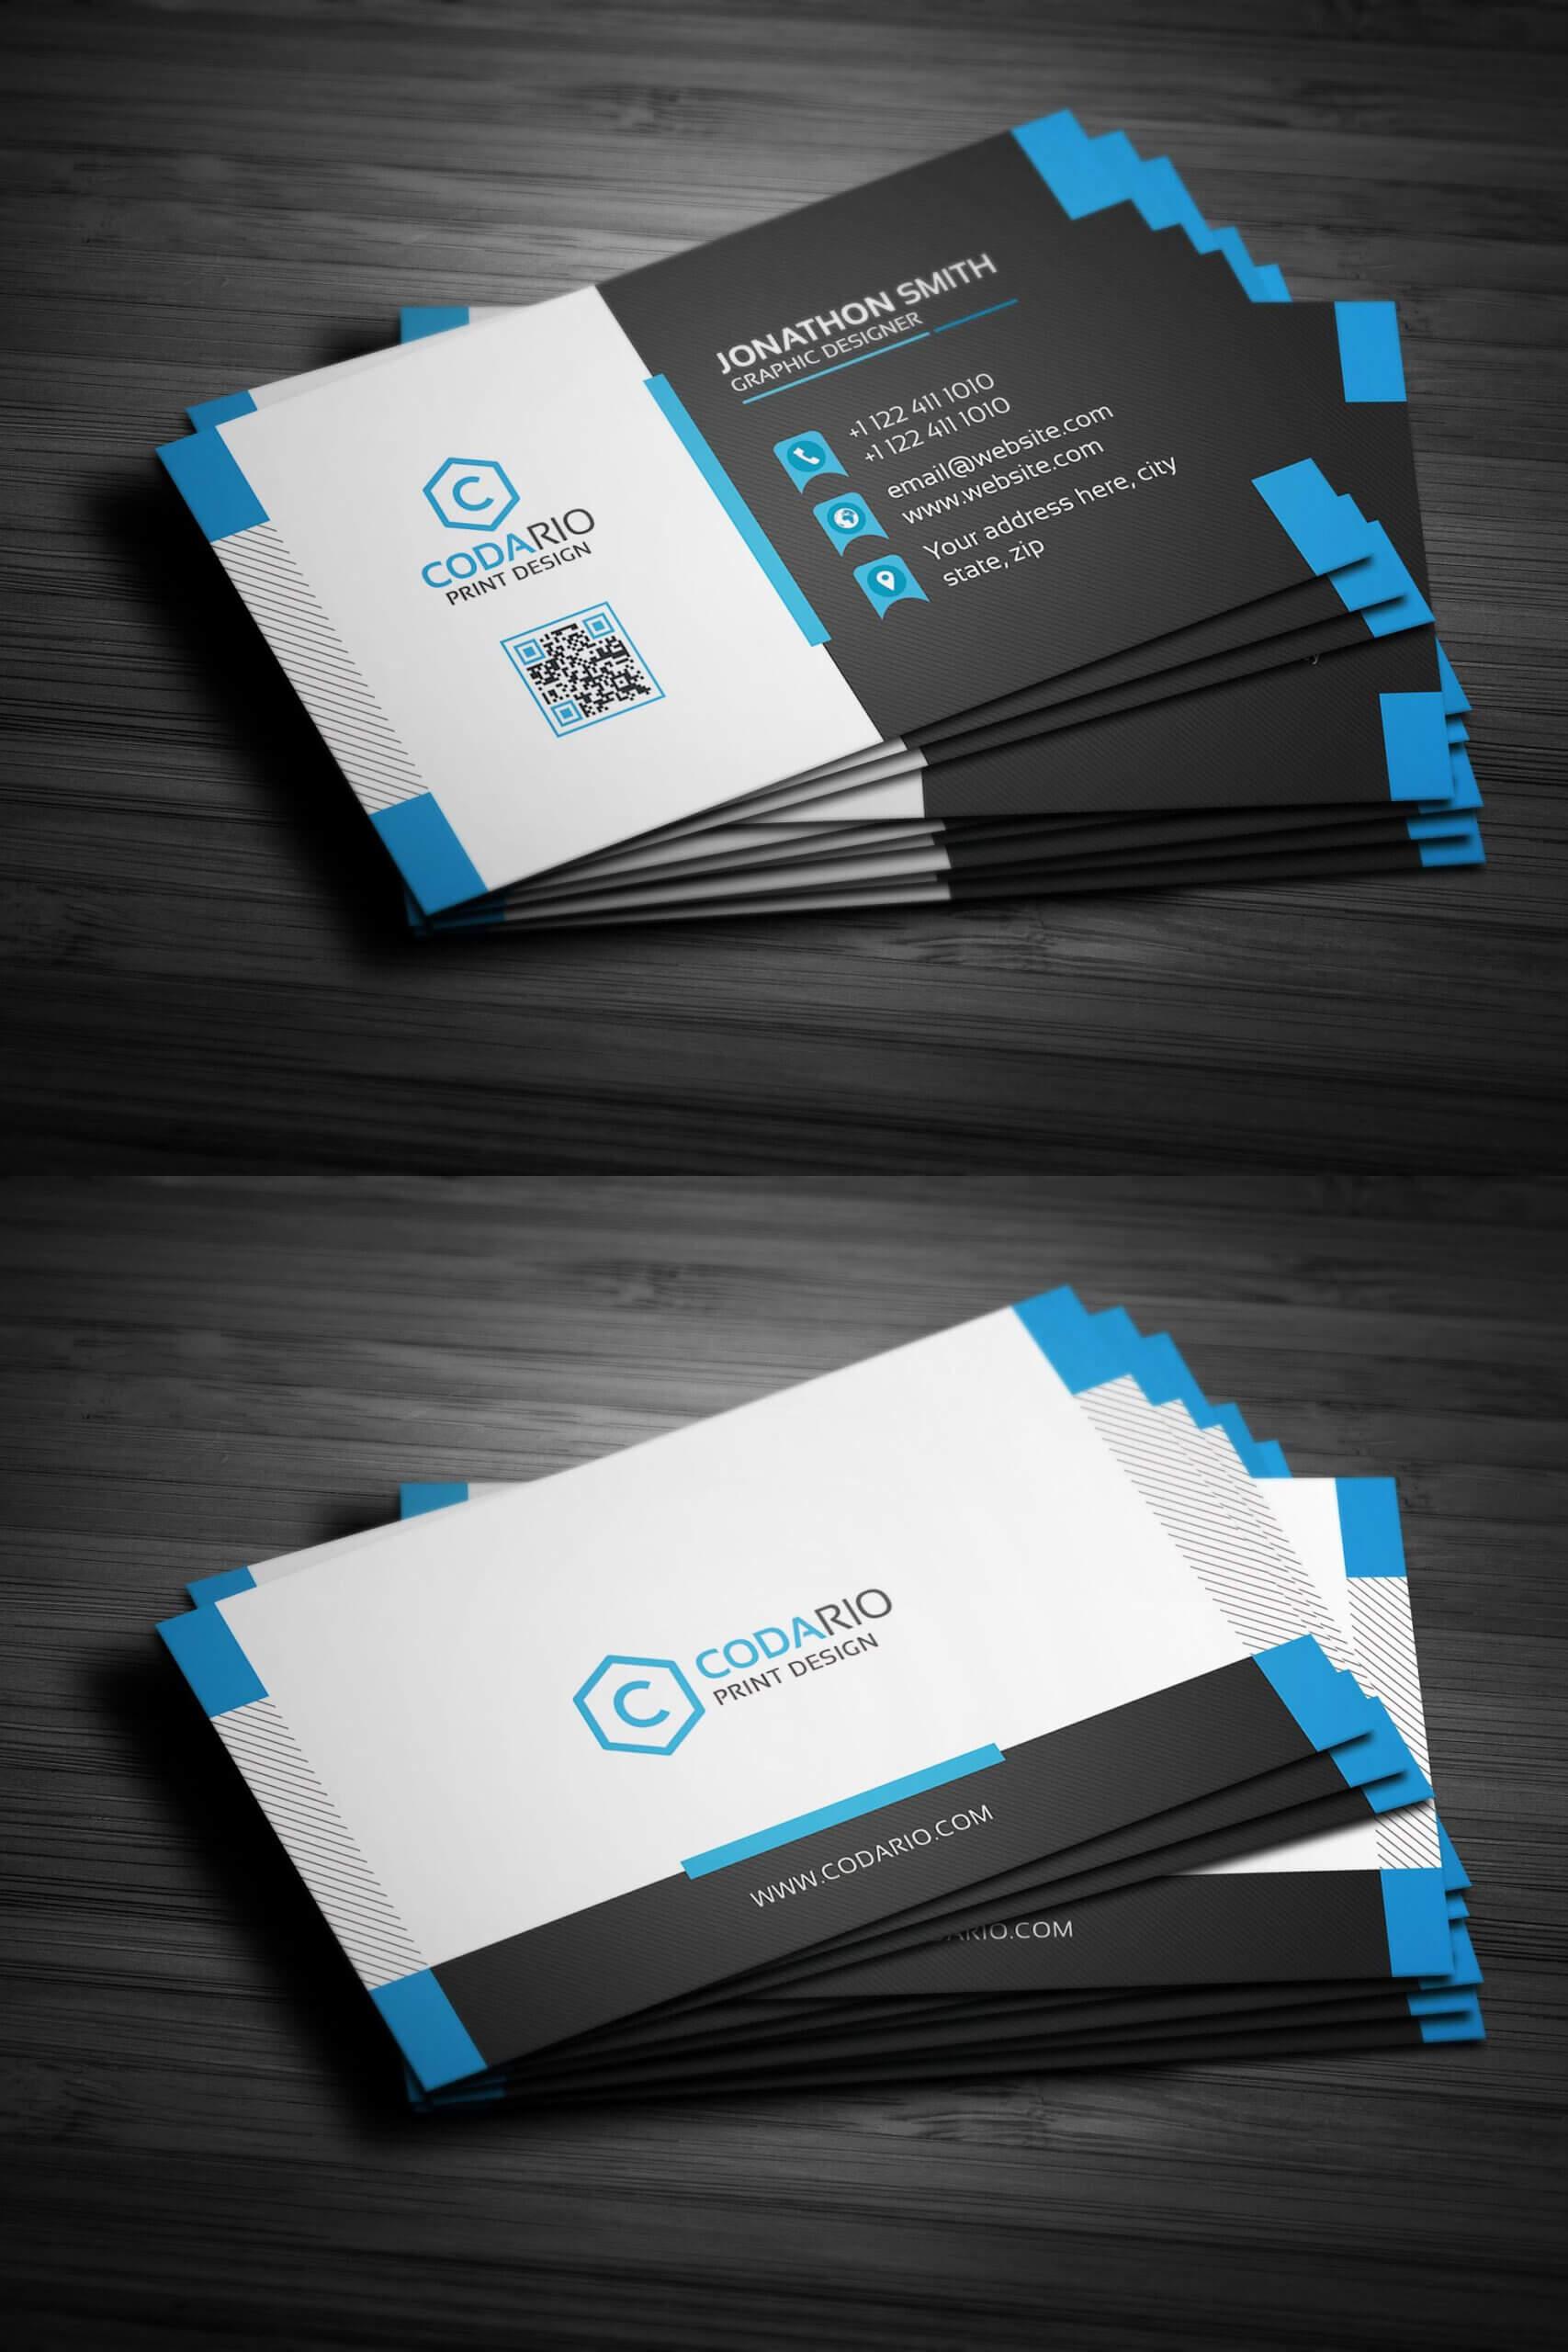 Modern Creative Business Card Template Psd | Create Business In Create Business Card Template Photoshop